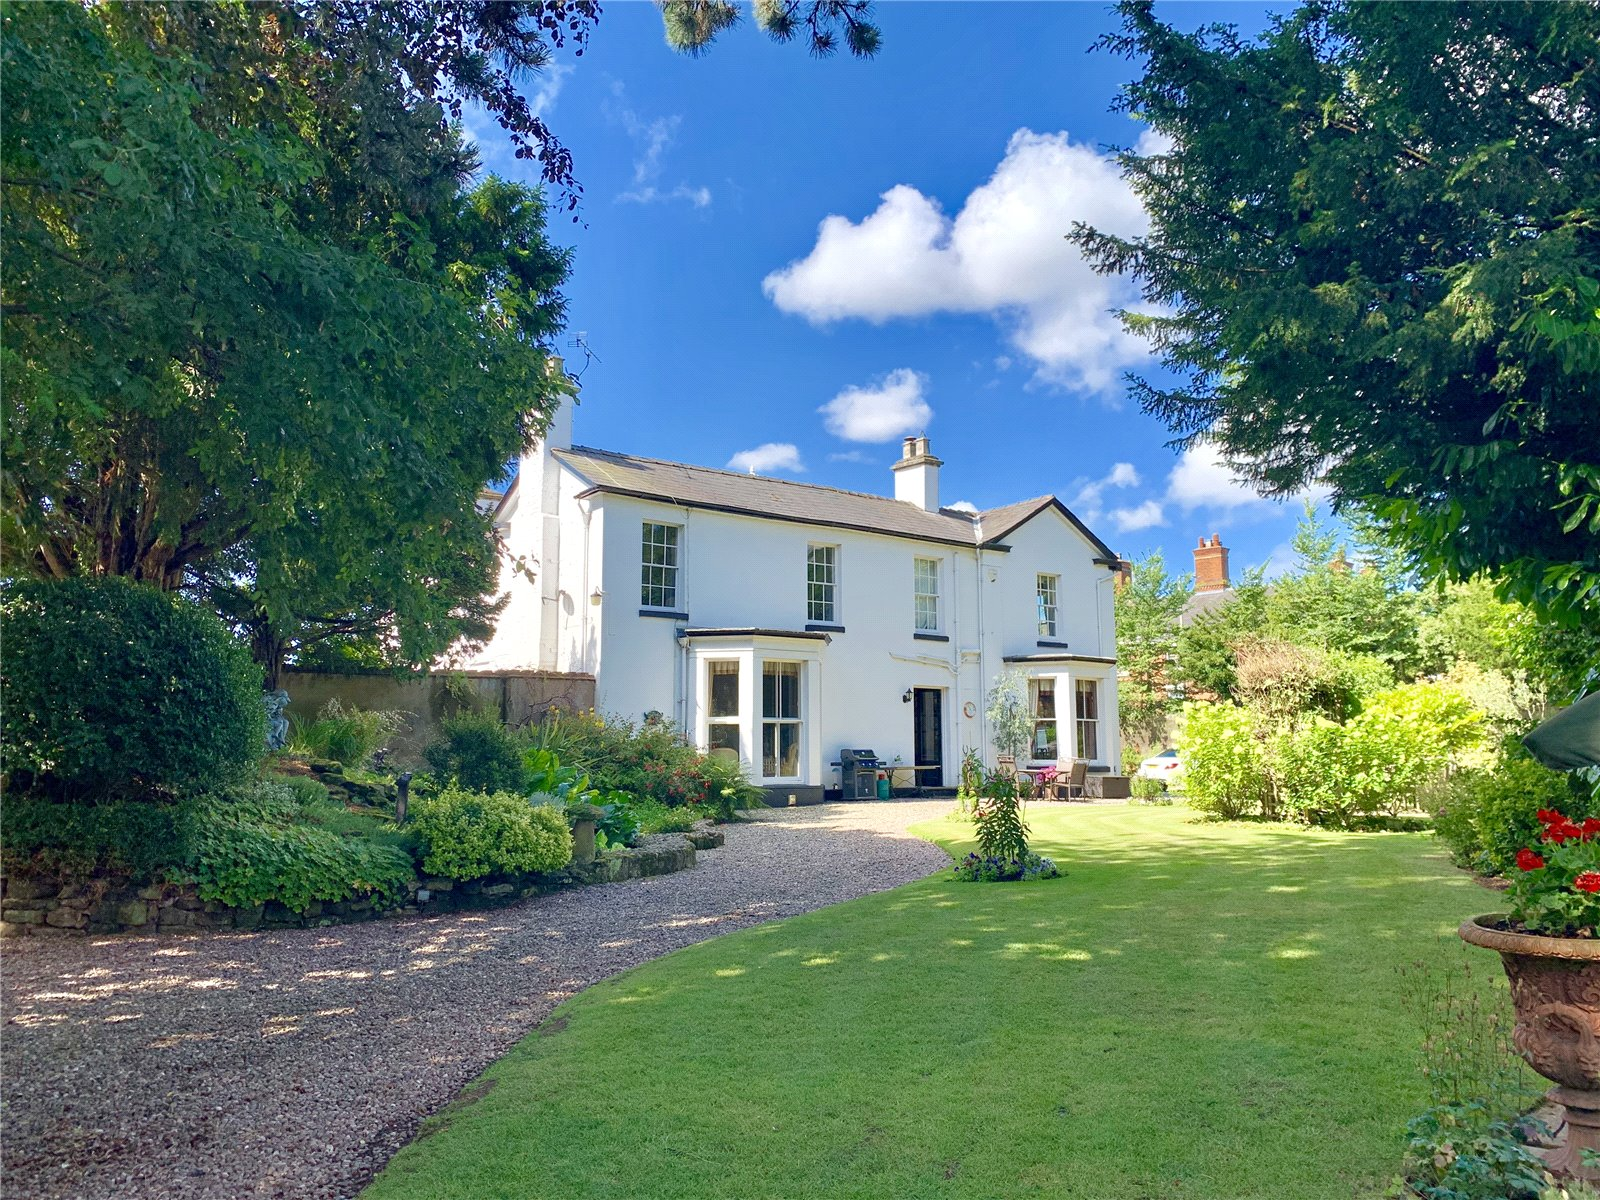 Chetwynd End House, Chetwynd End, Newport, Shropshire, TF10